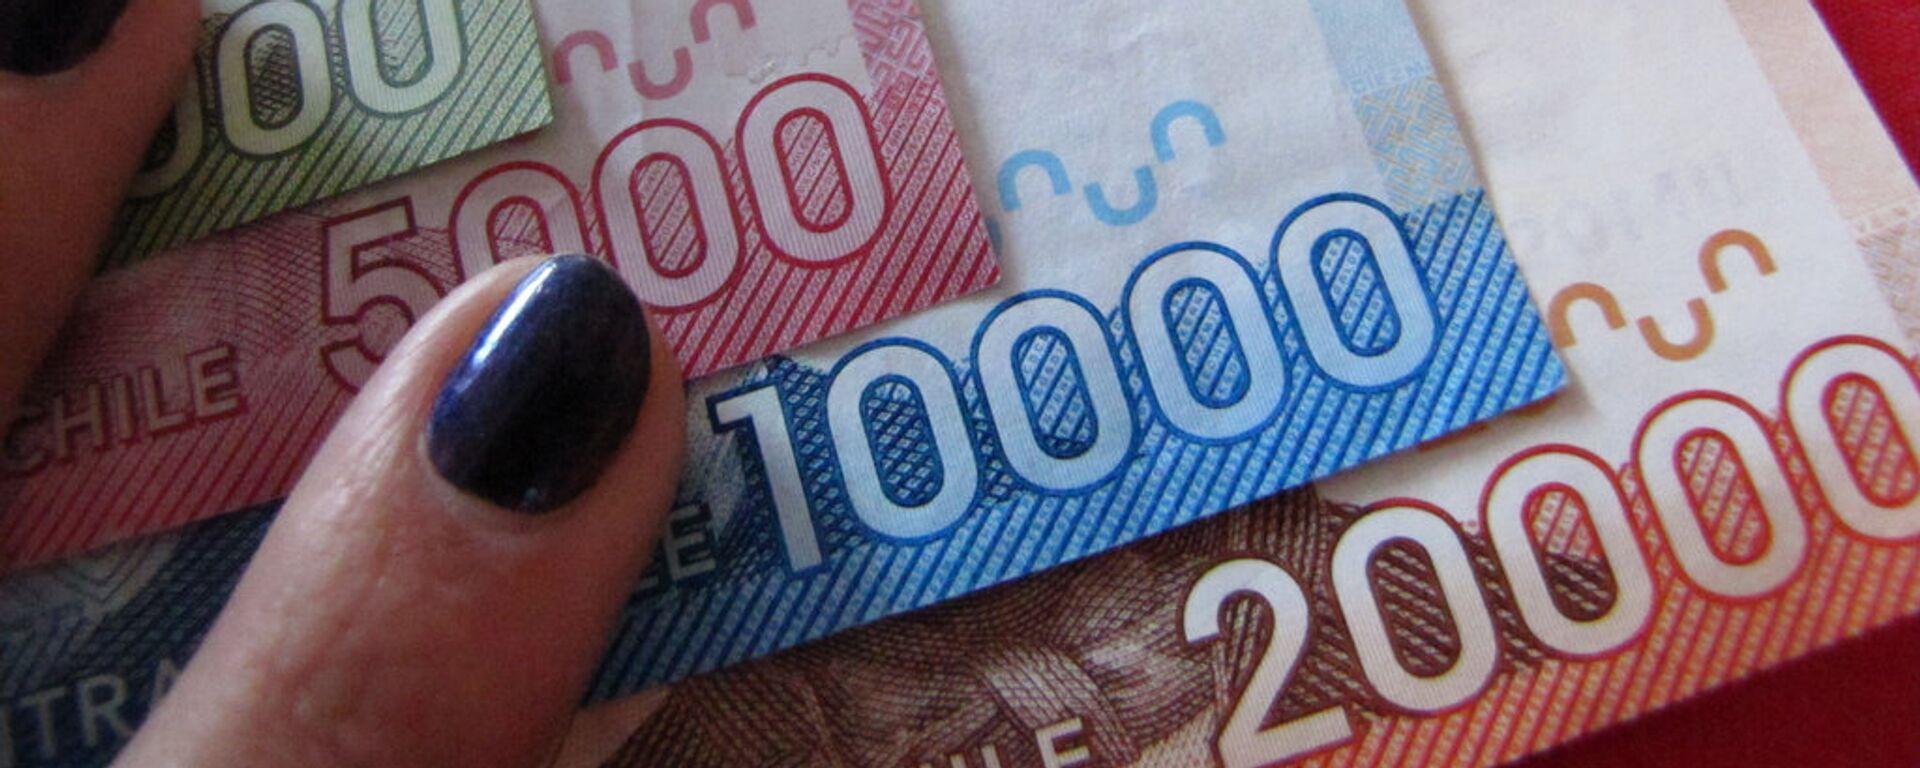 Pesos chilenos - Sputnik Mundo, 1920, 23.08.2021